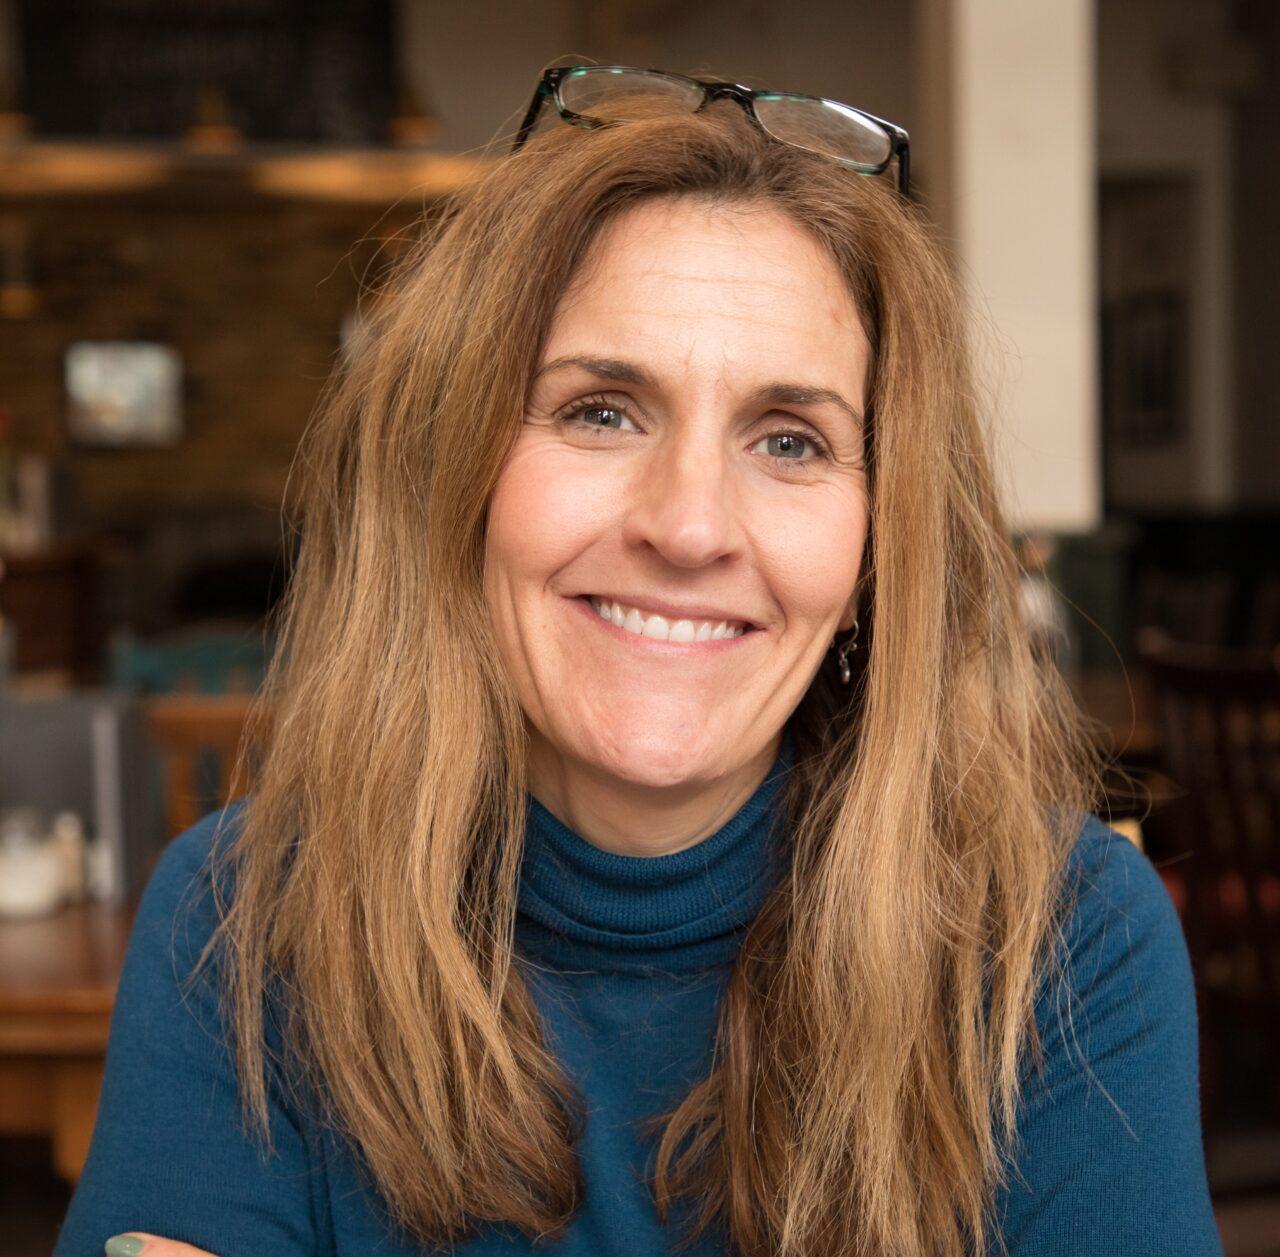 A profile image by Belinda Gannaway